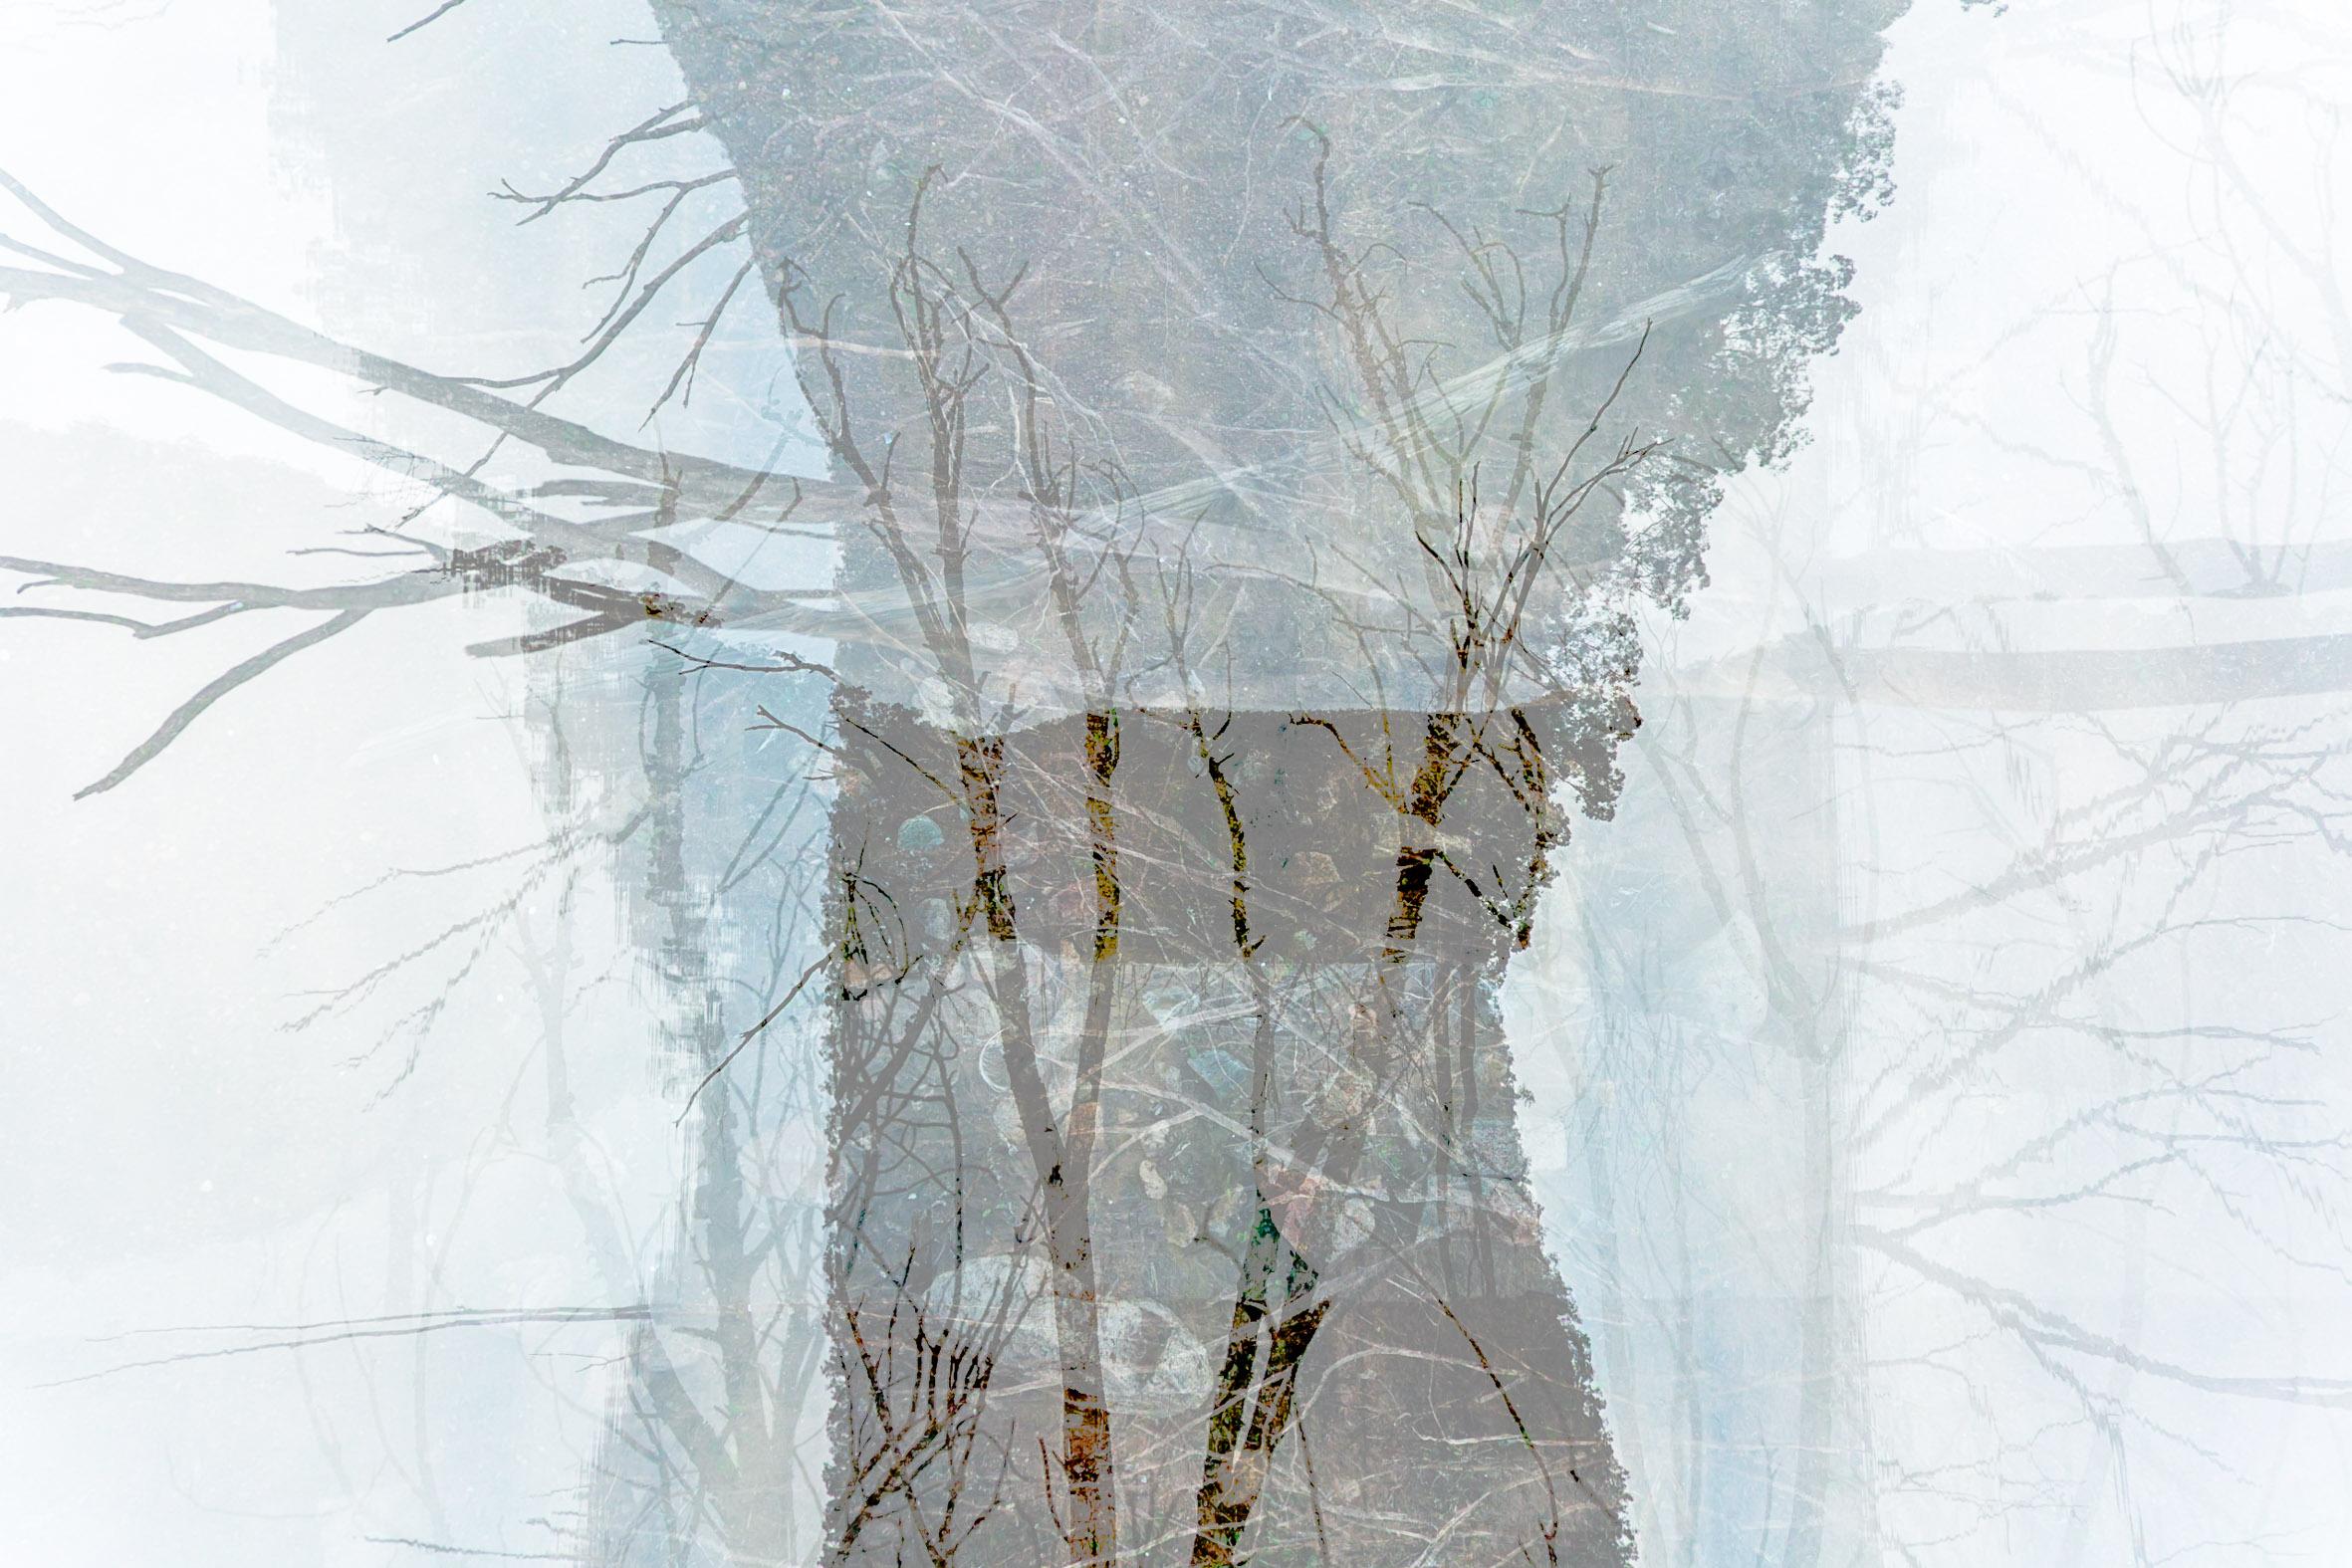 Art Atrium Asher Milgate - Damned - Untitled 3